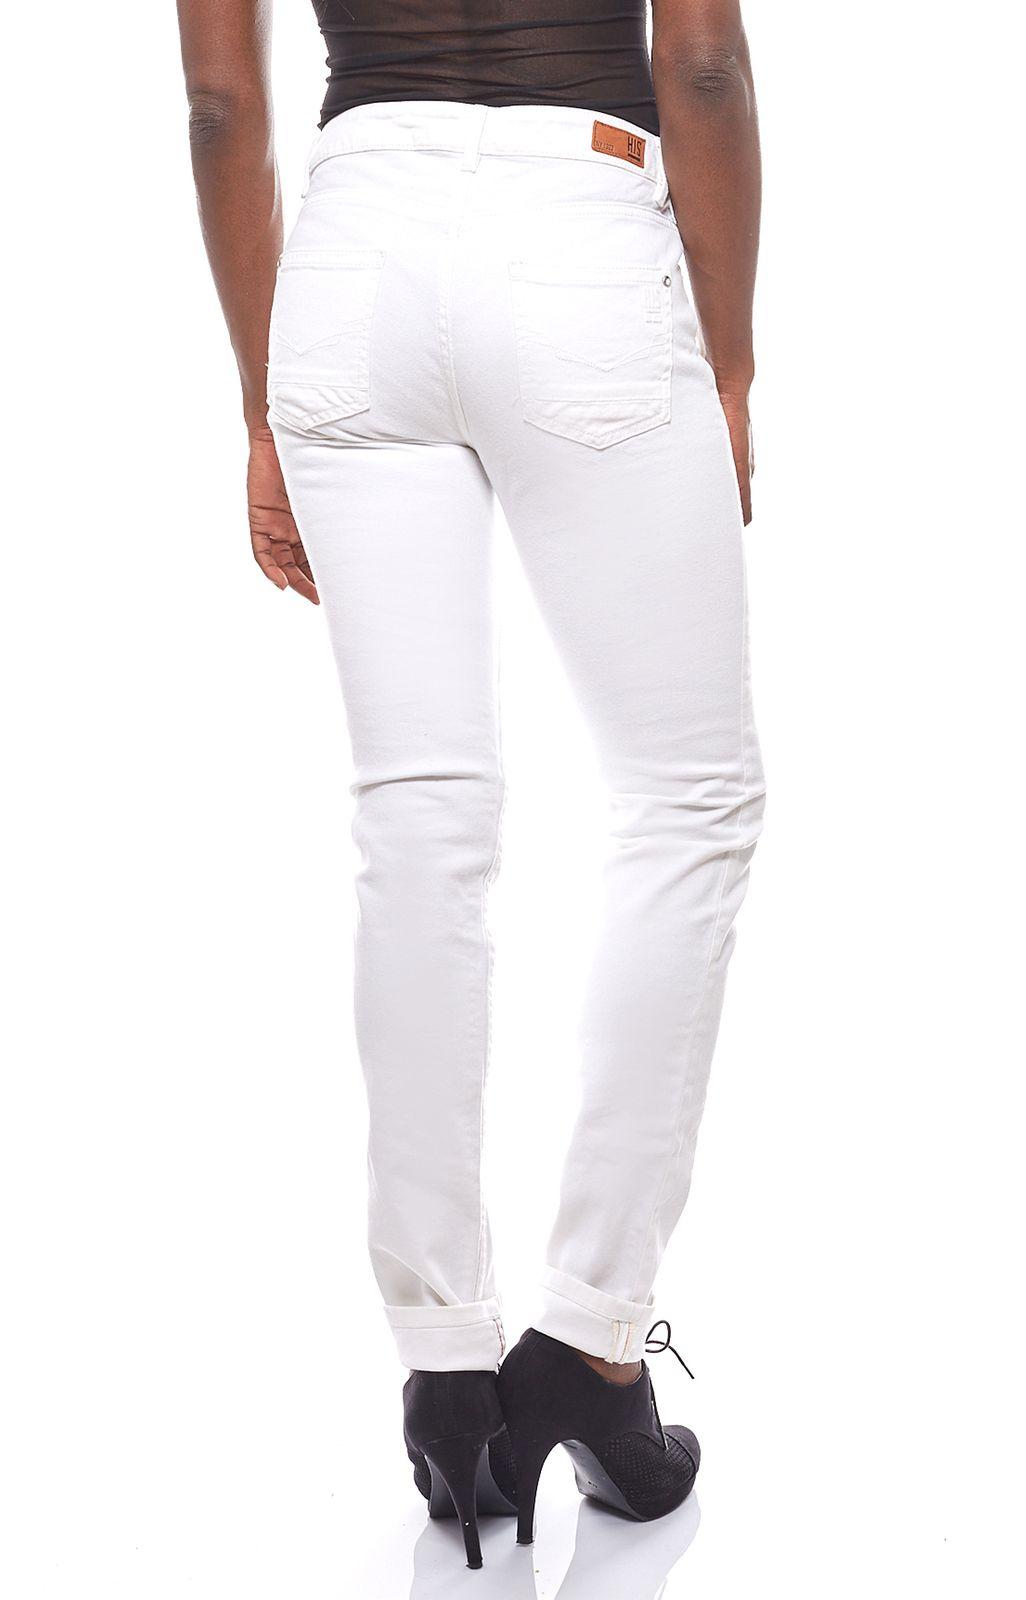 5df32a01c573ec H.I.S. angesagte Damen Jeans-Hose mit Blumenstickereien Weiß ...